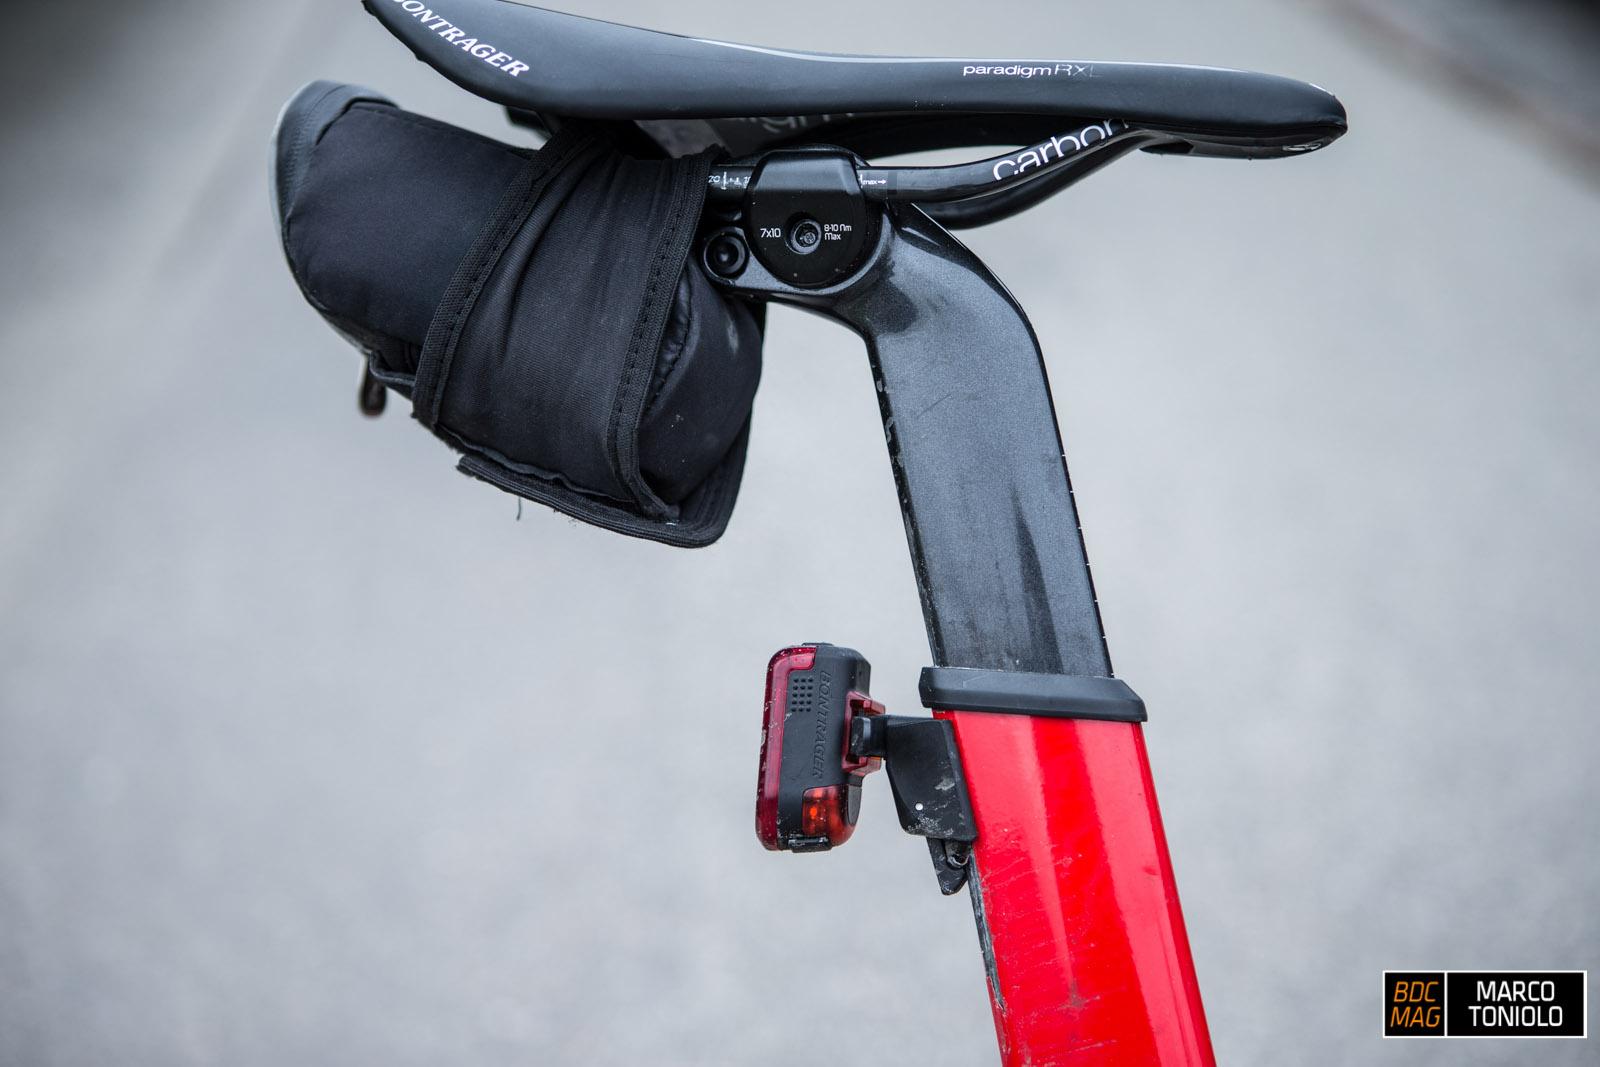 Luci bici da corsa mai più senza la luce da bici è l